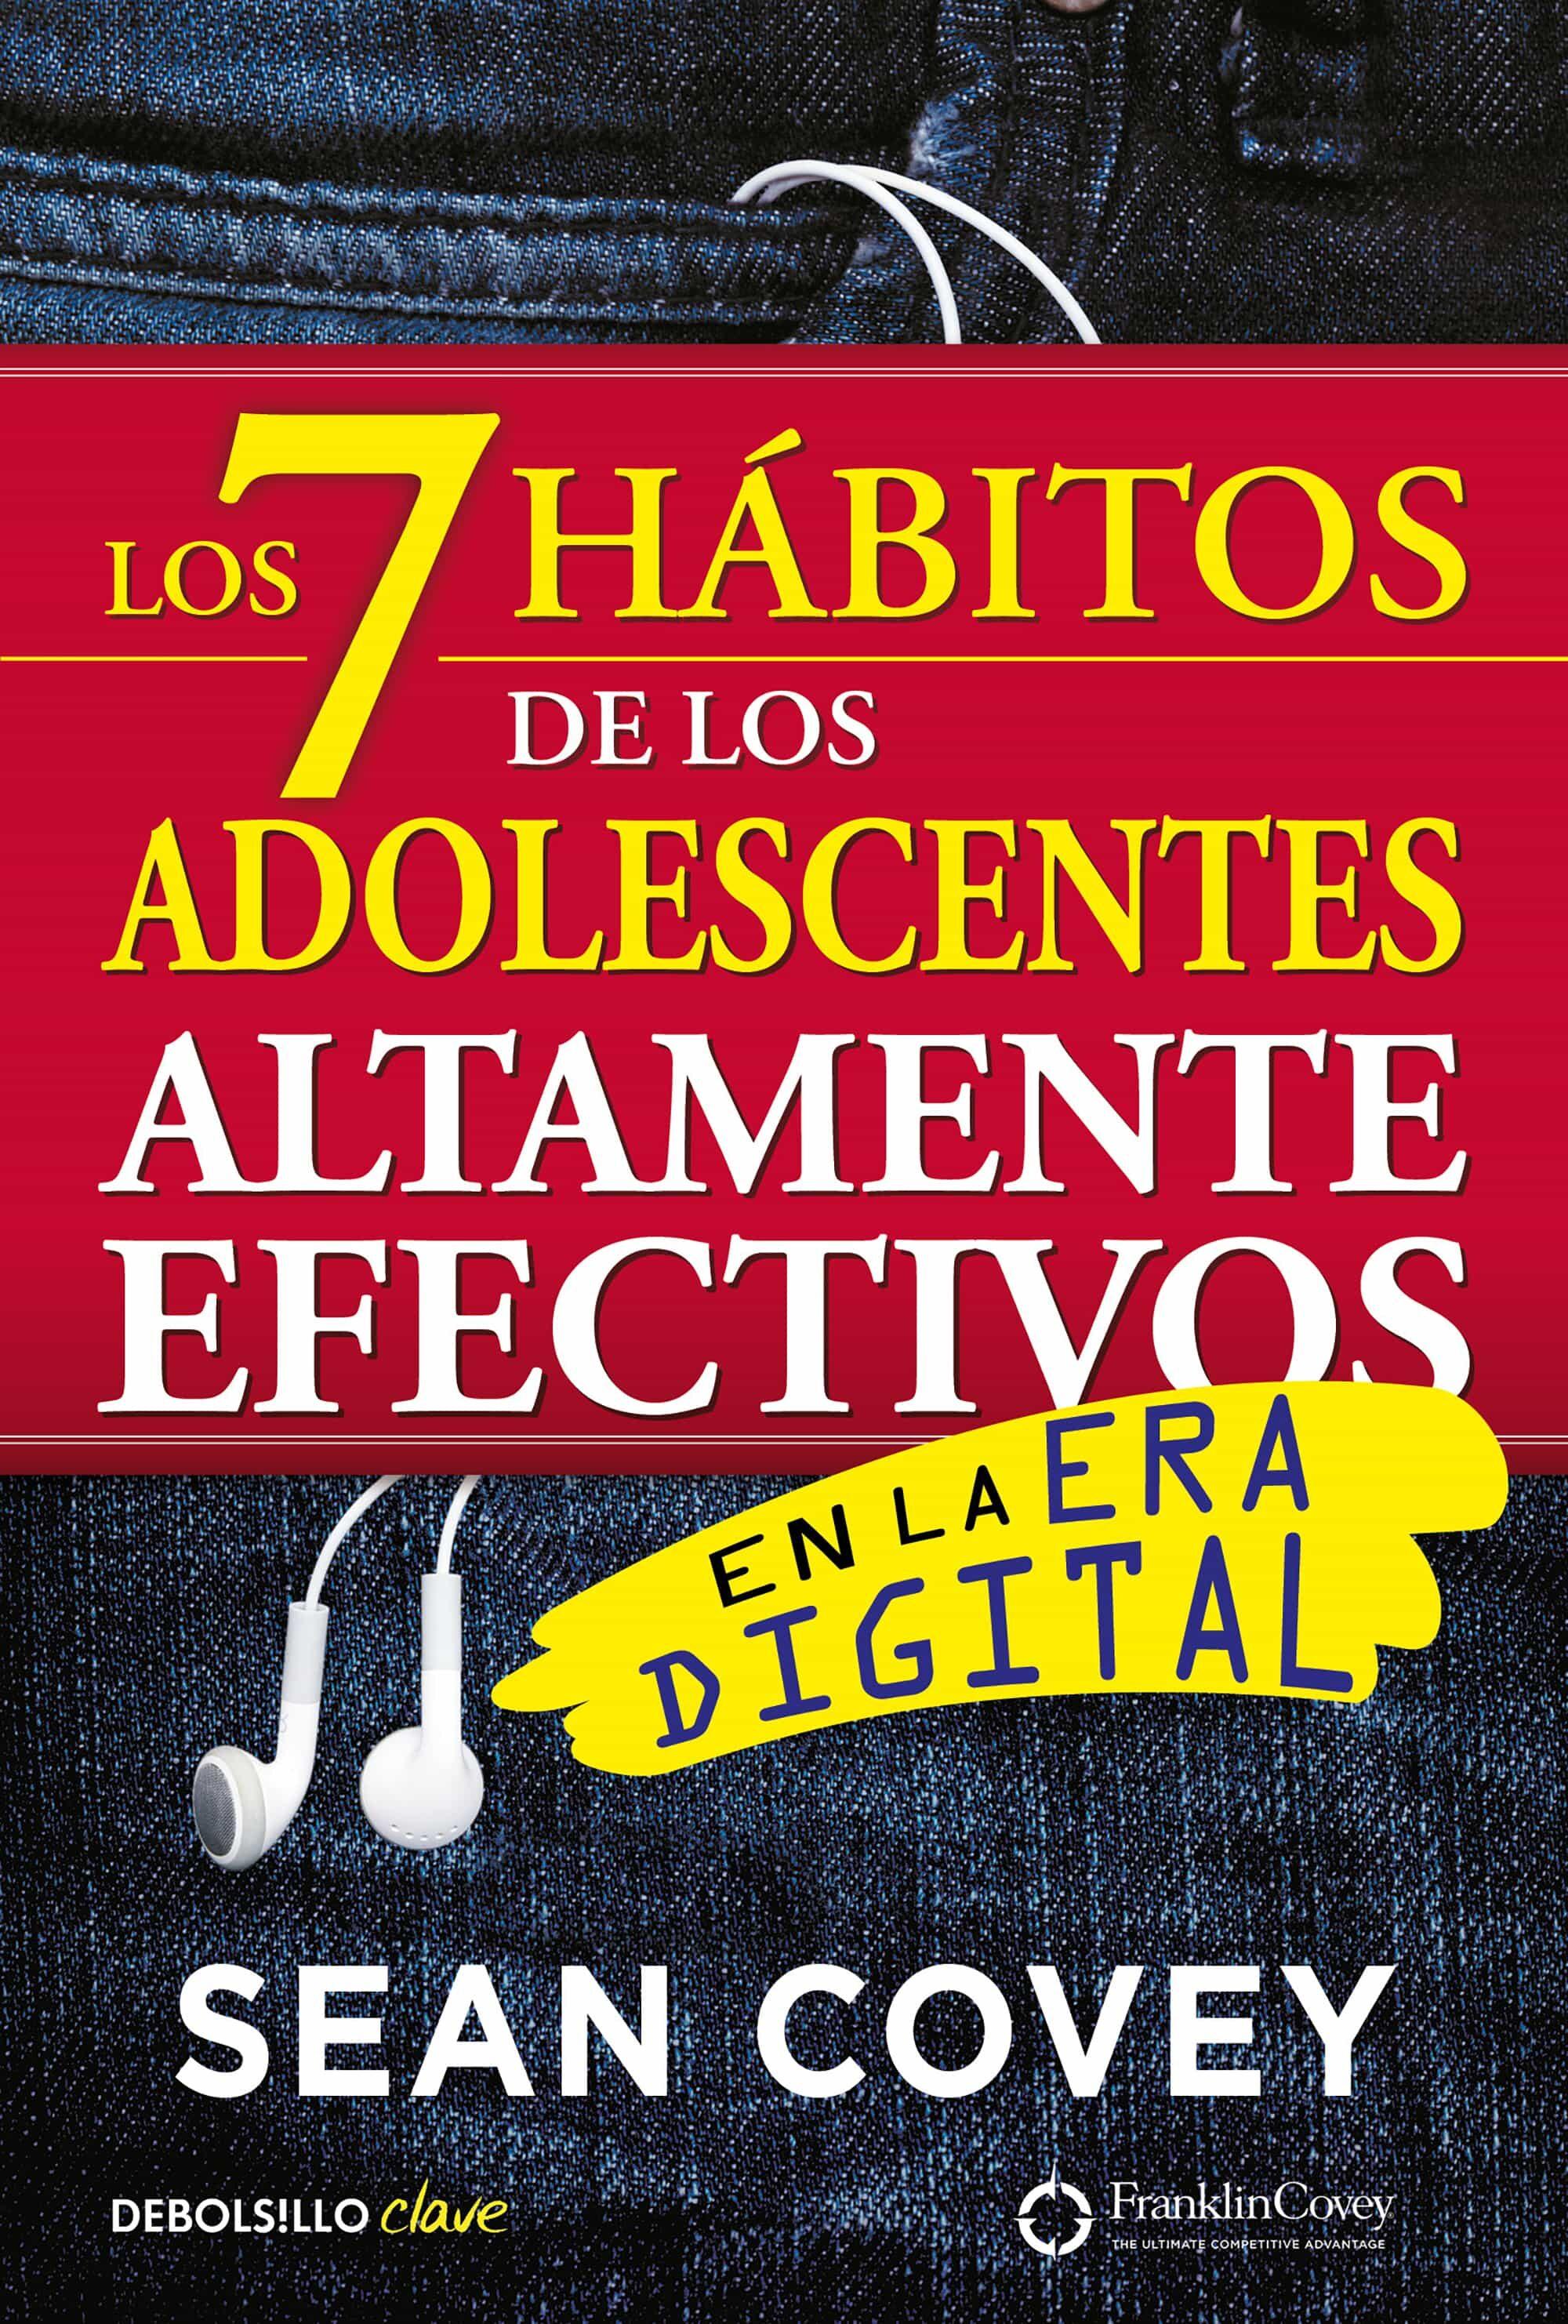 Los 7 Habitos De Los Adolescentes Altamente Efectivos En La Era Digital: La Mejor Guia Practica Para Que Los Jovenes Alcancen El Exito por Sean Covey